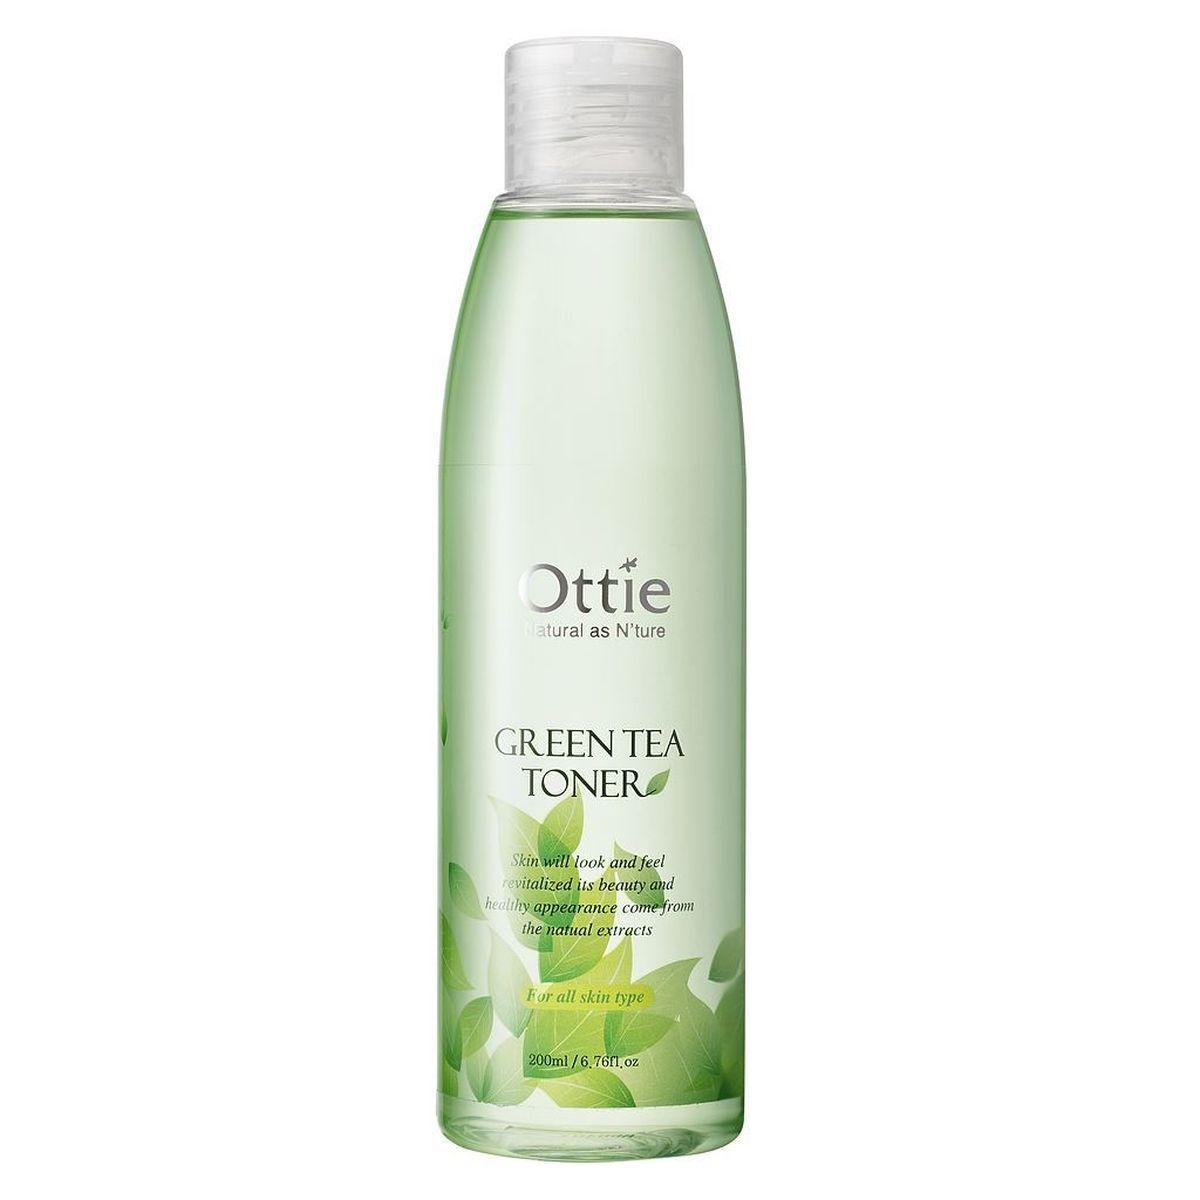 Увлажняющий тонер с зелёным чаем Ottie Green Tea Toner - 200 мл